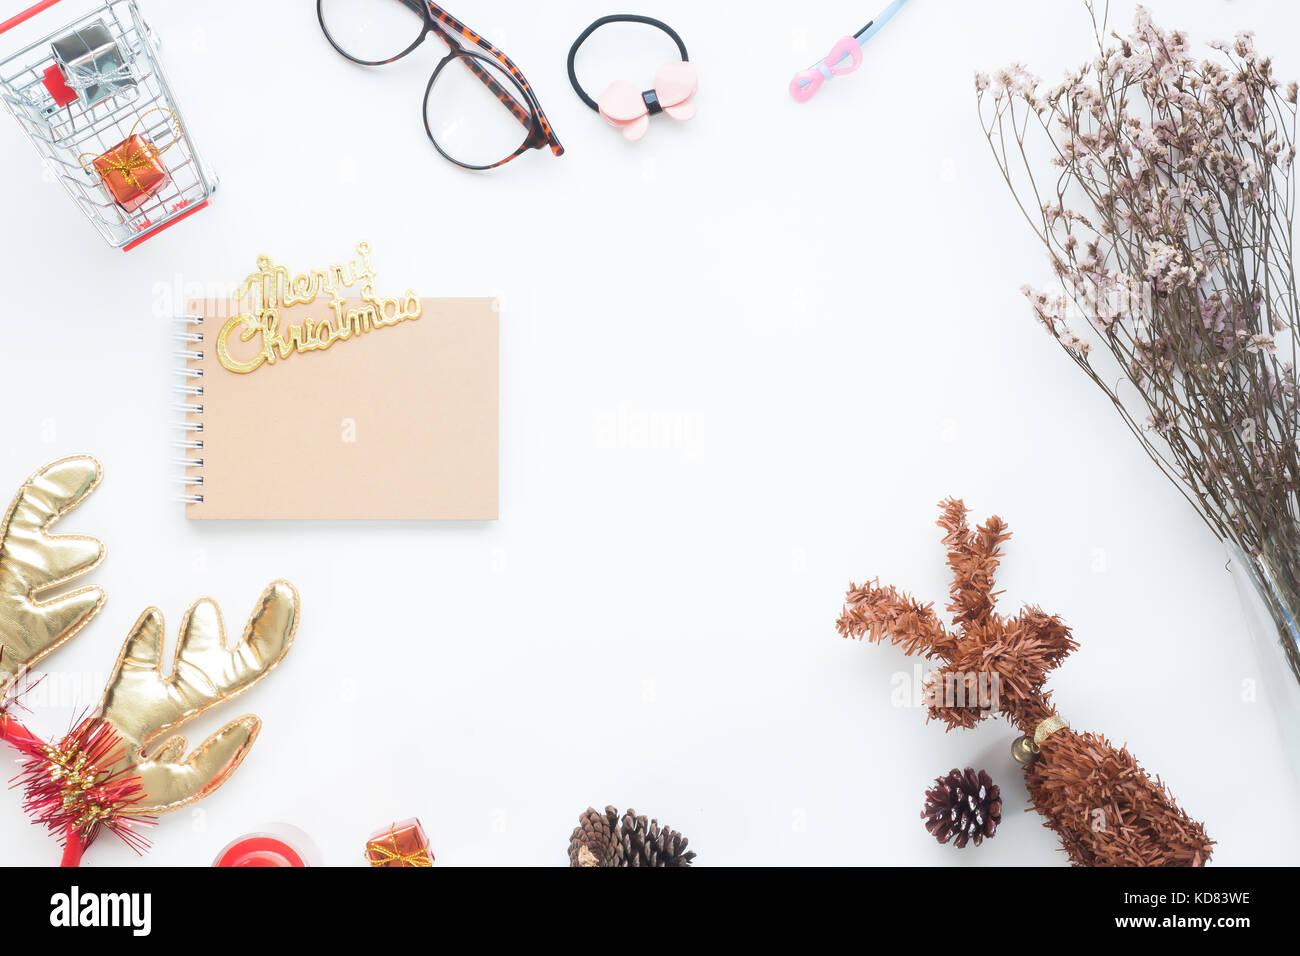 Plano creativo lay de decoraciones de navidad y cuaderno sobre fondo blanco con espacio de copia Imagen De Stock